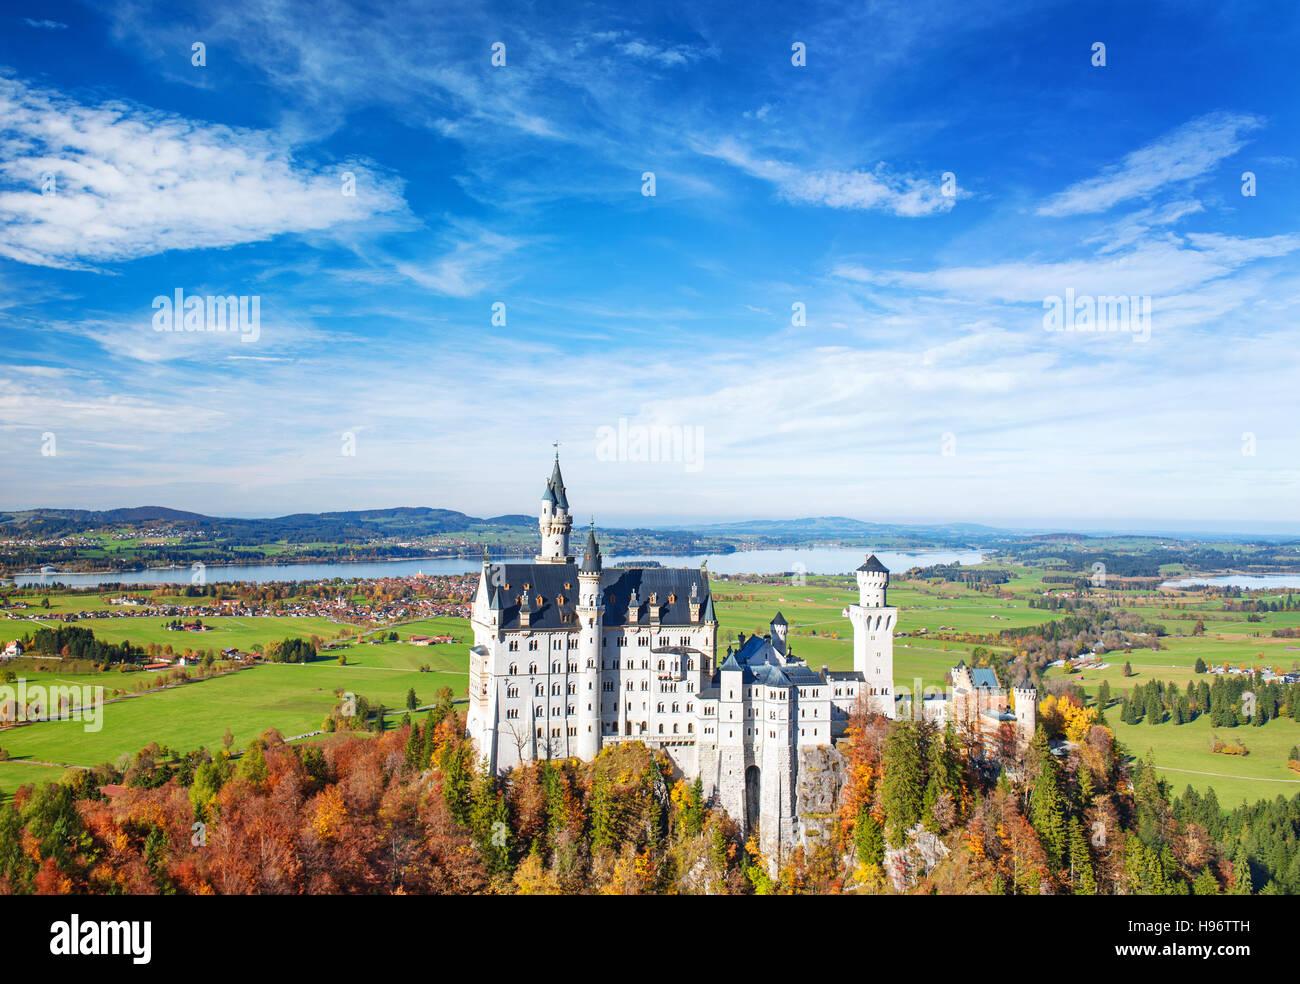 Schloss Neuschwanstein im Herbst. Wahrzeichen von Deutschland und Bayern. Schöne deutsche Landschaft Stockbild